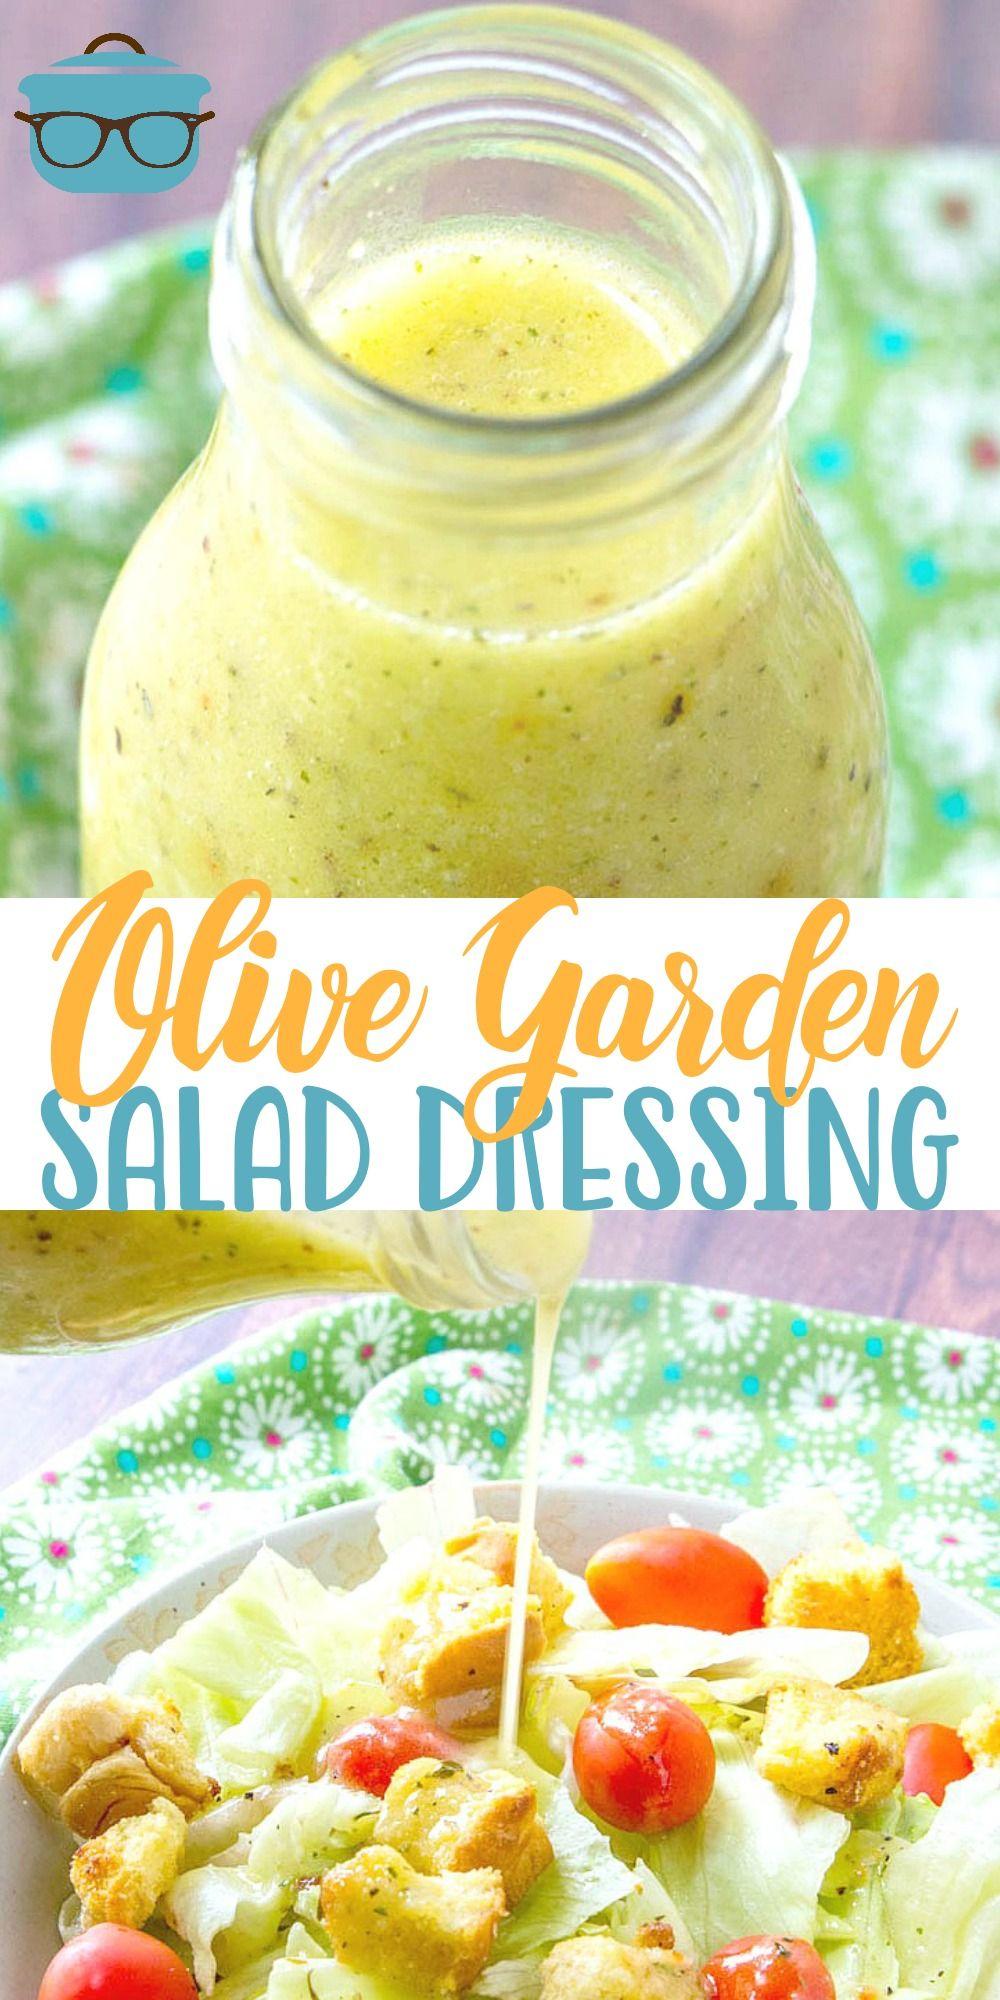 Olive garden salad dressing Recipe Olive garden salad